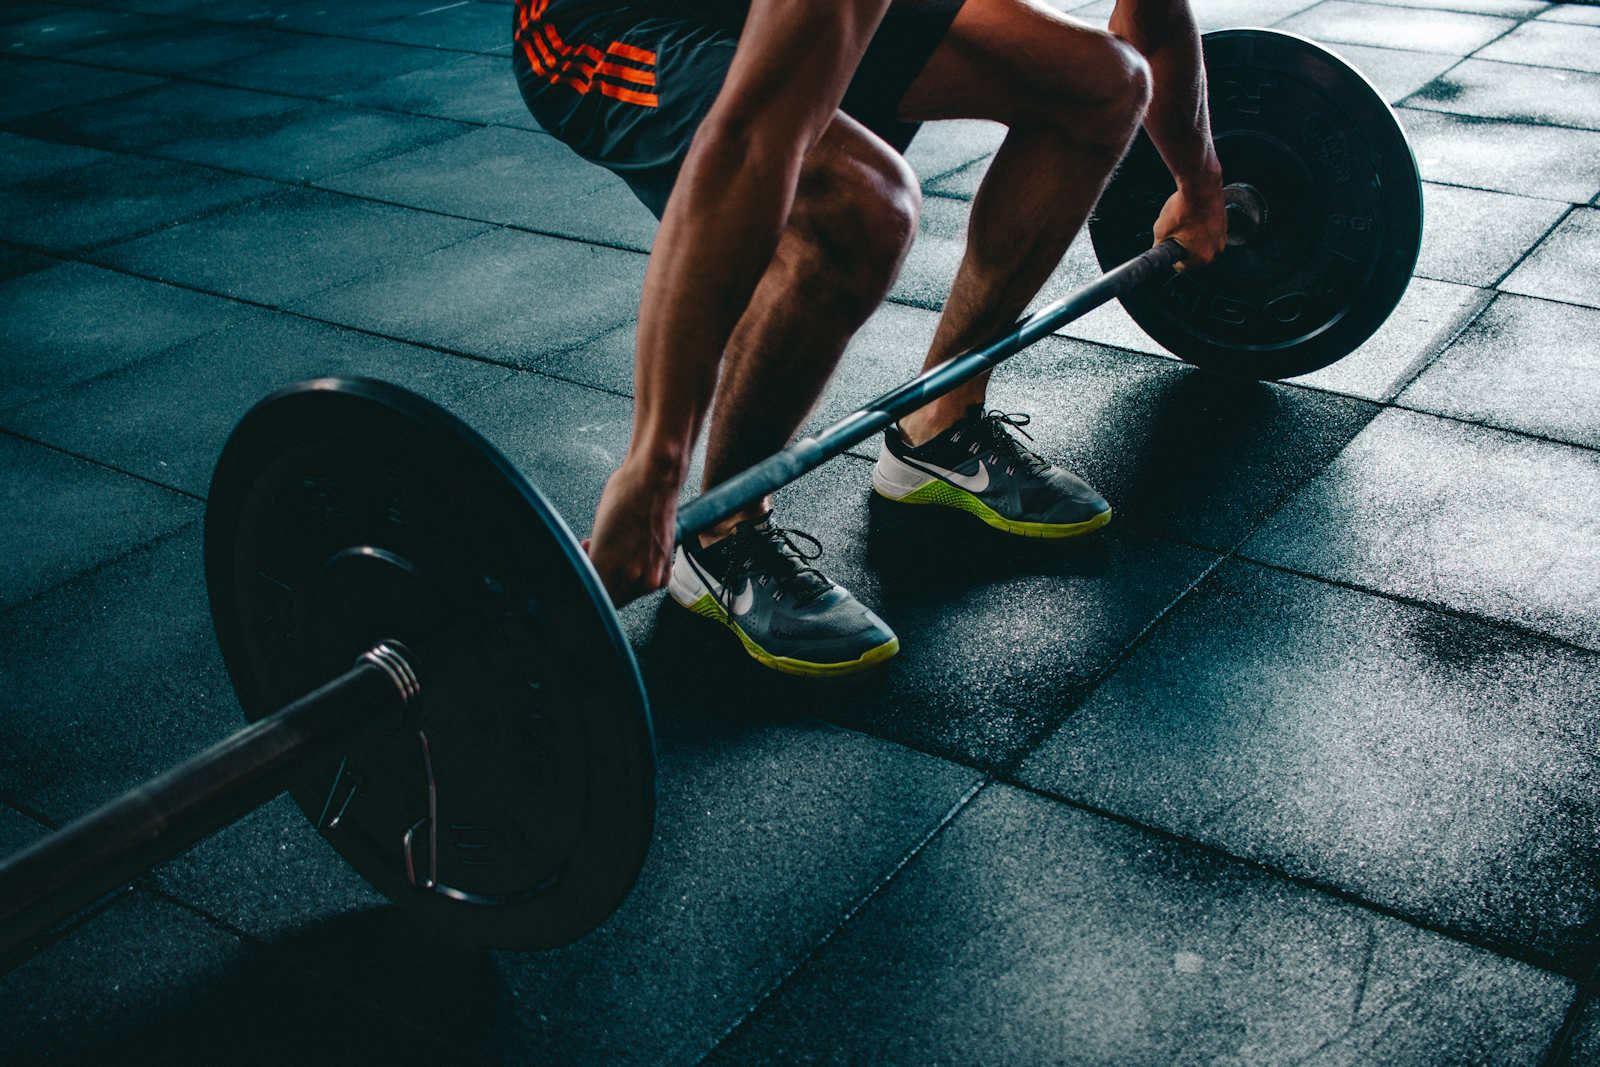 Victoria Avenue Fitness Centre of Perth